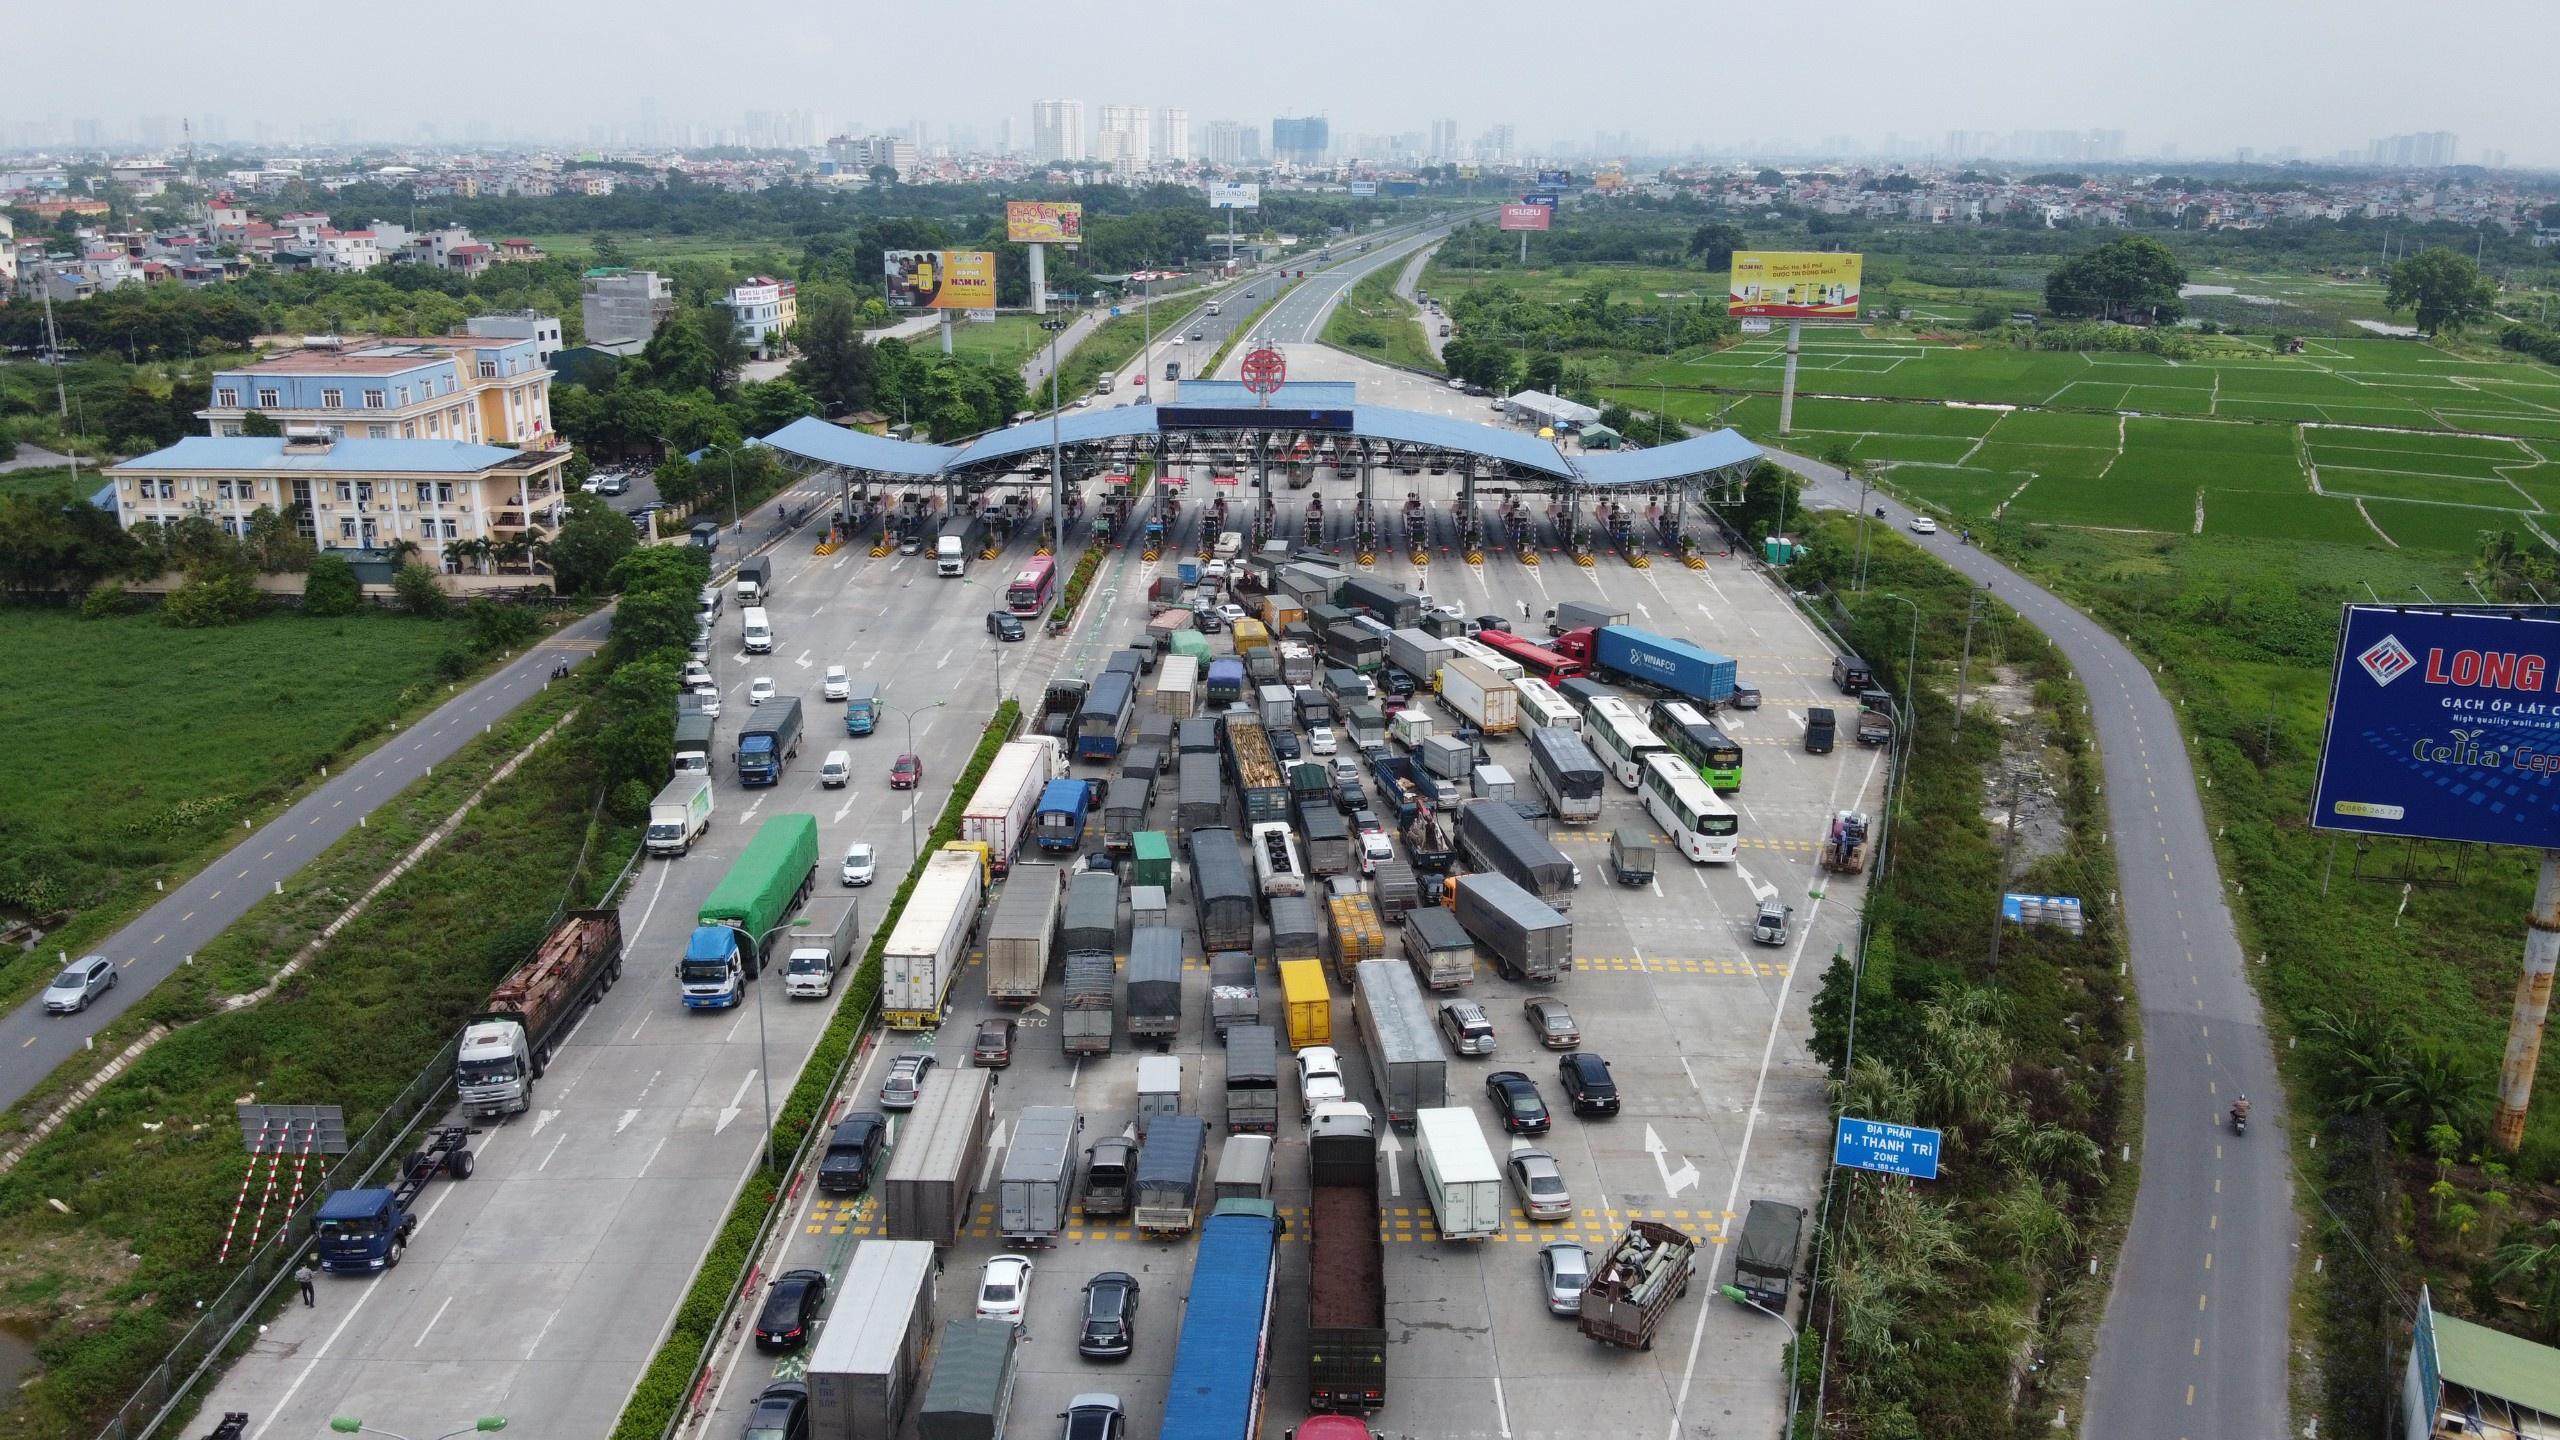 Tình trạng ùn tắc ở một số chốt kiểm soát nghiêm trọng hơn vào sáng 24/7. Ảnh: Hồng Quang.